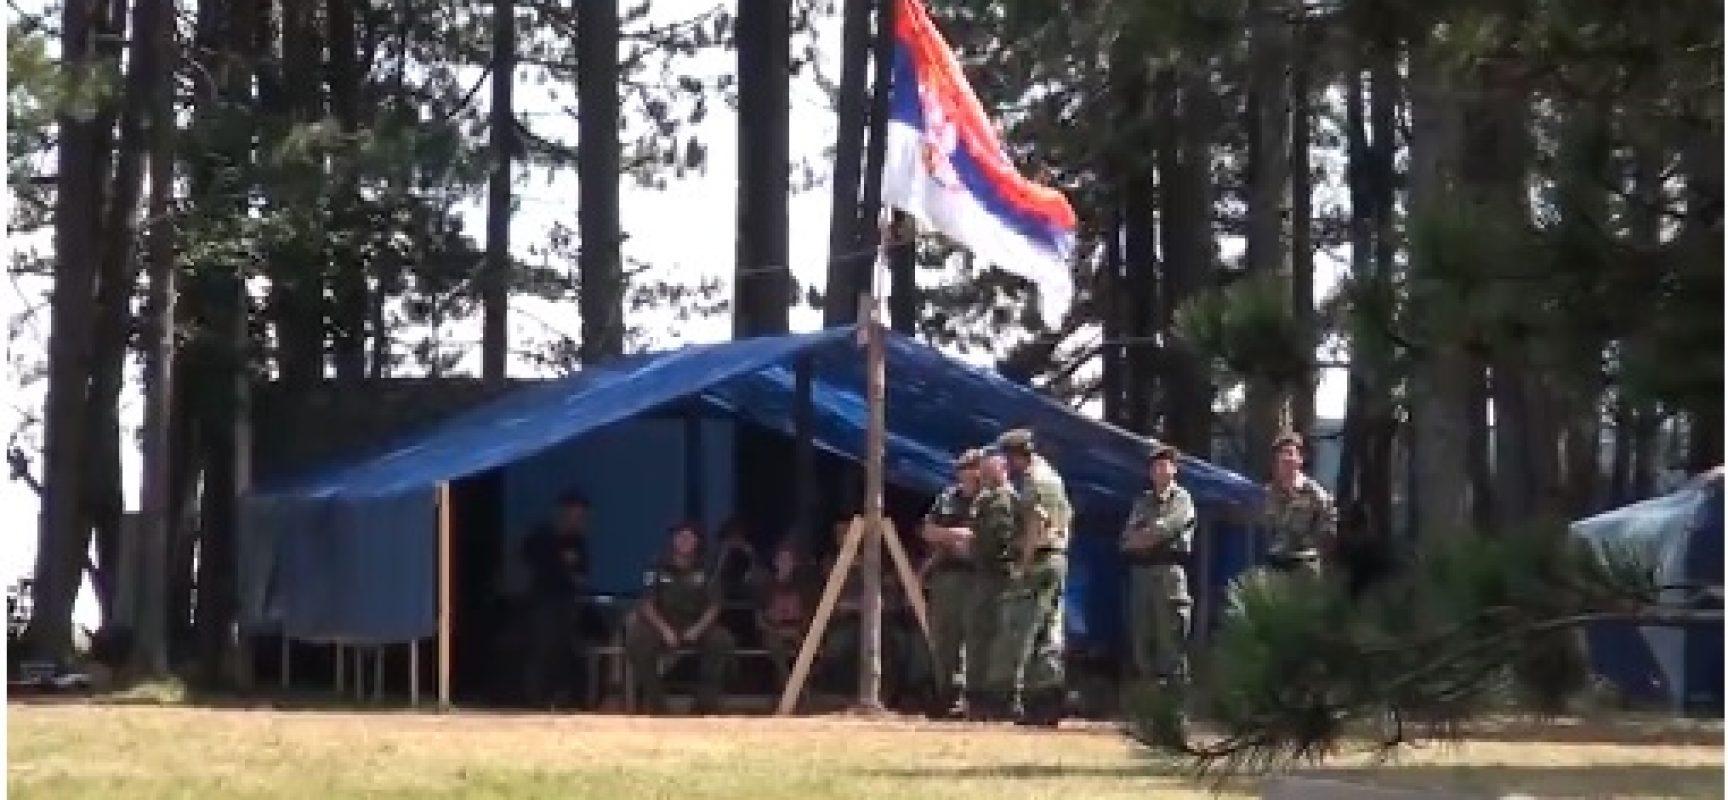 Omladinsko patriotski kamp – tradicija ili indoktrinacija?